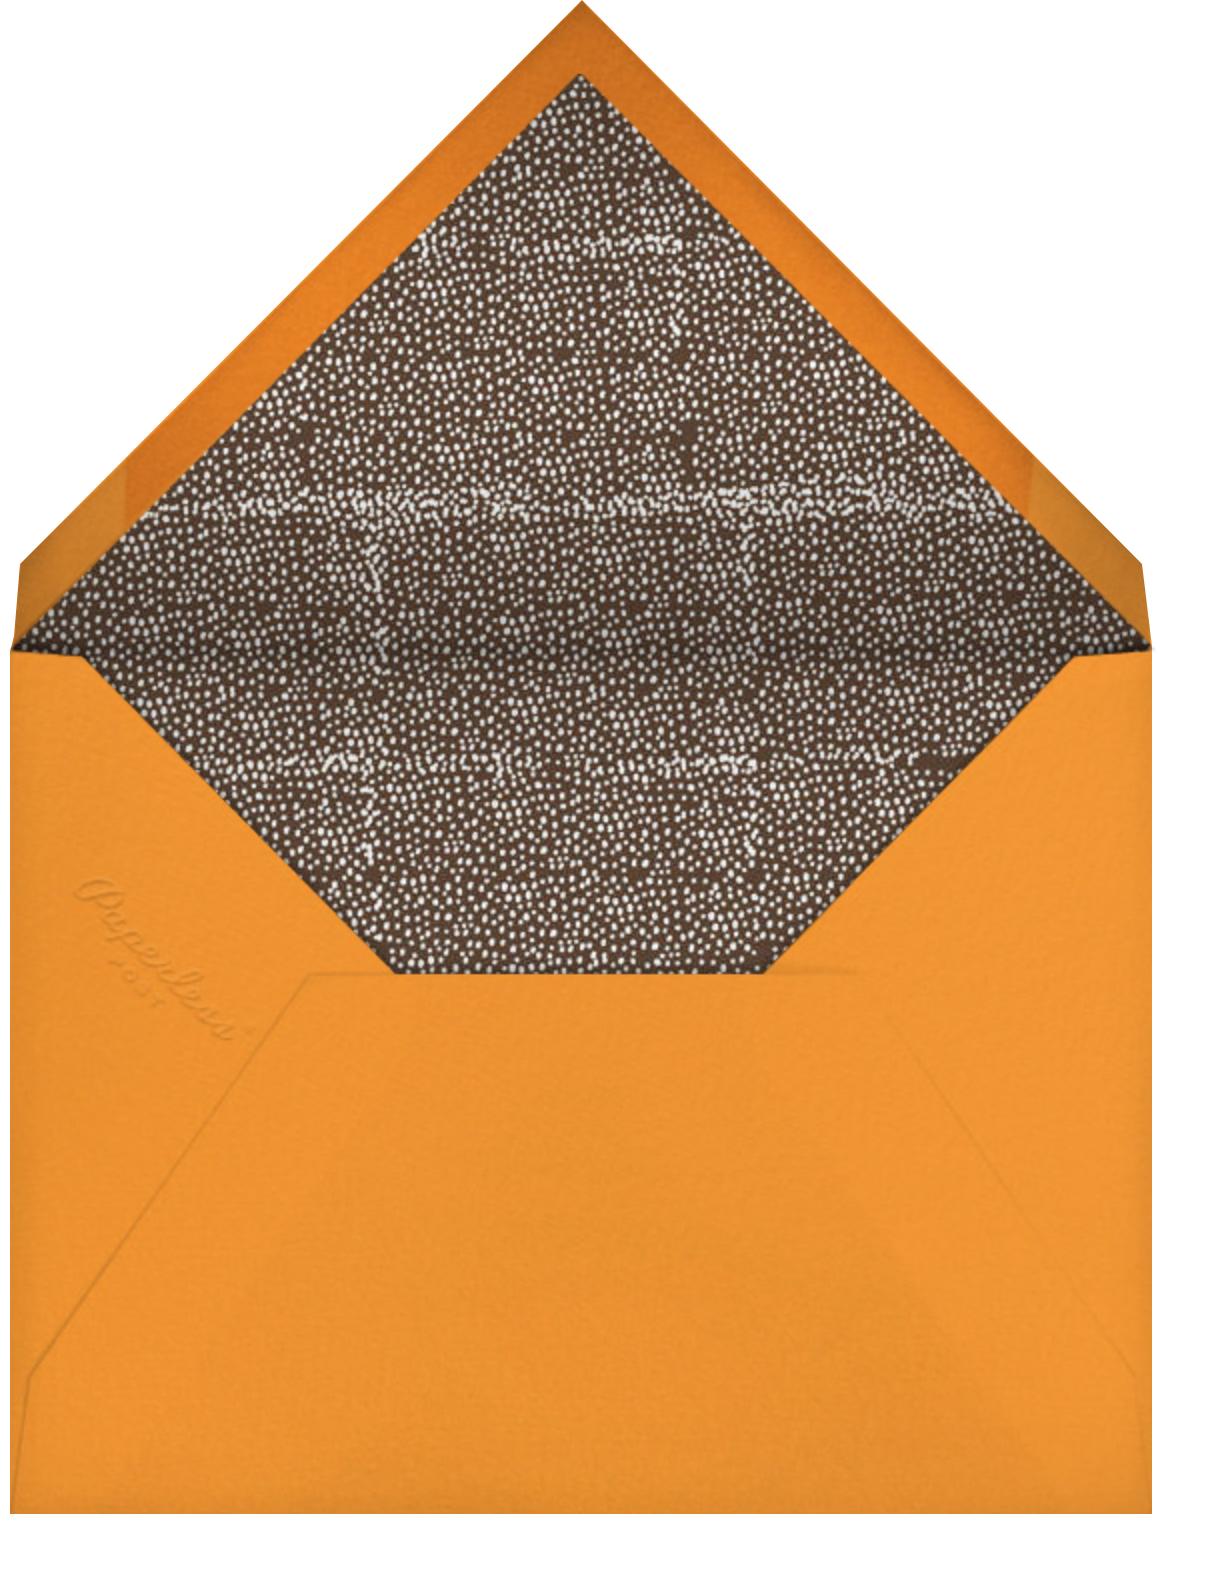 Autumn Foliage - Greeting - Mr. Boddington's Studio - Thanksgiving - envelope back